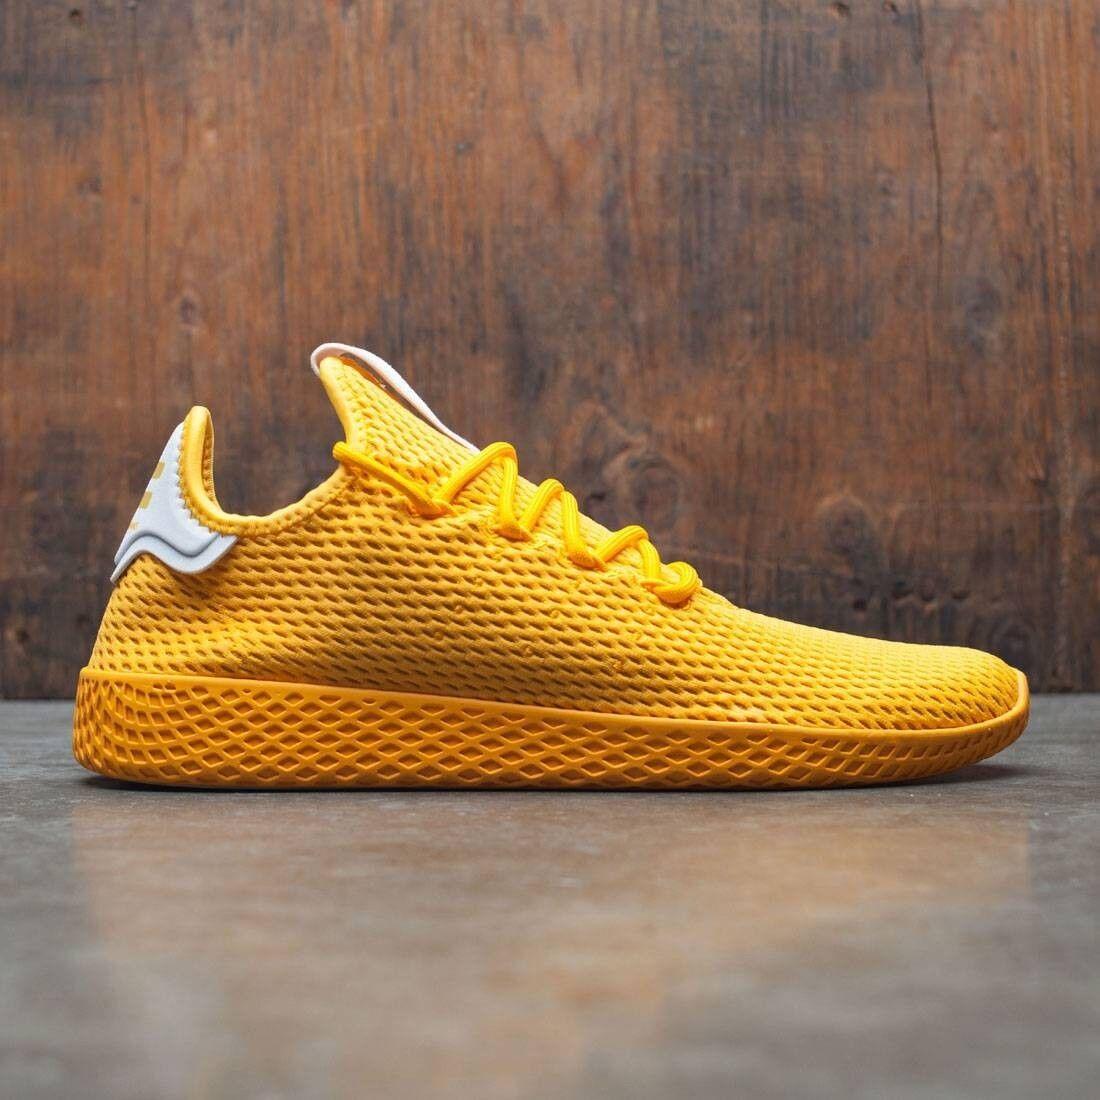 baskets adidas originaux star 80 cuir hommes cq2654 rétro de chaussures en cuir 80 blanc d35fbd